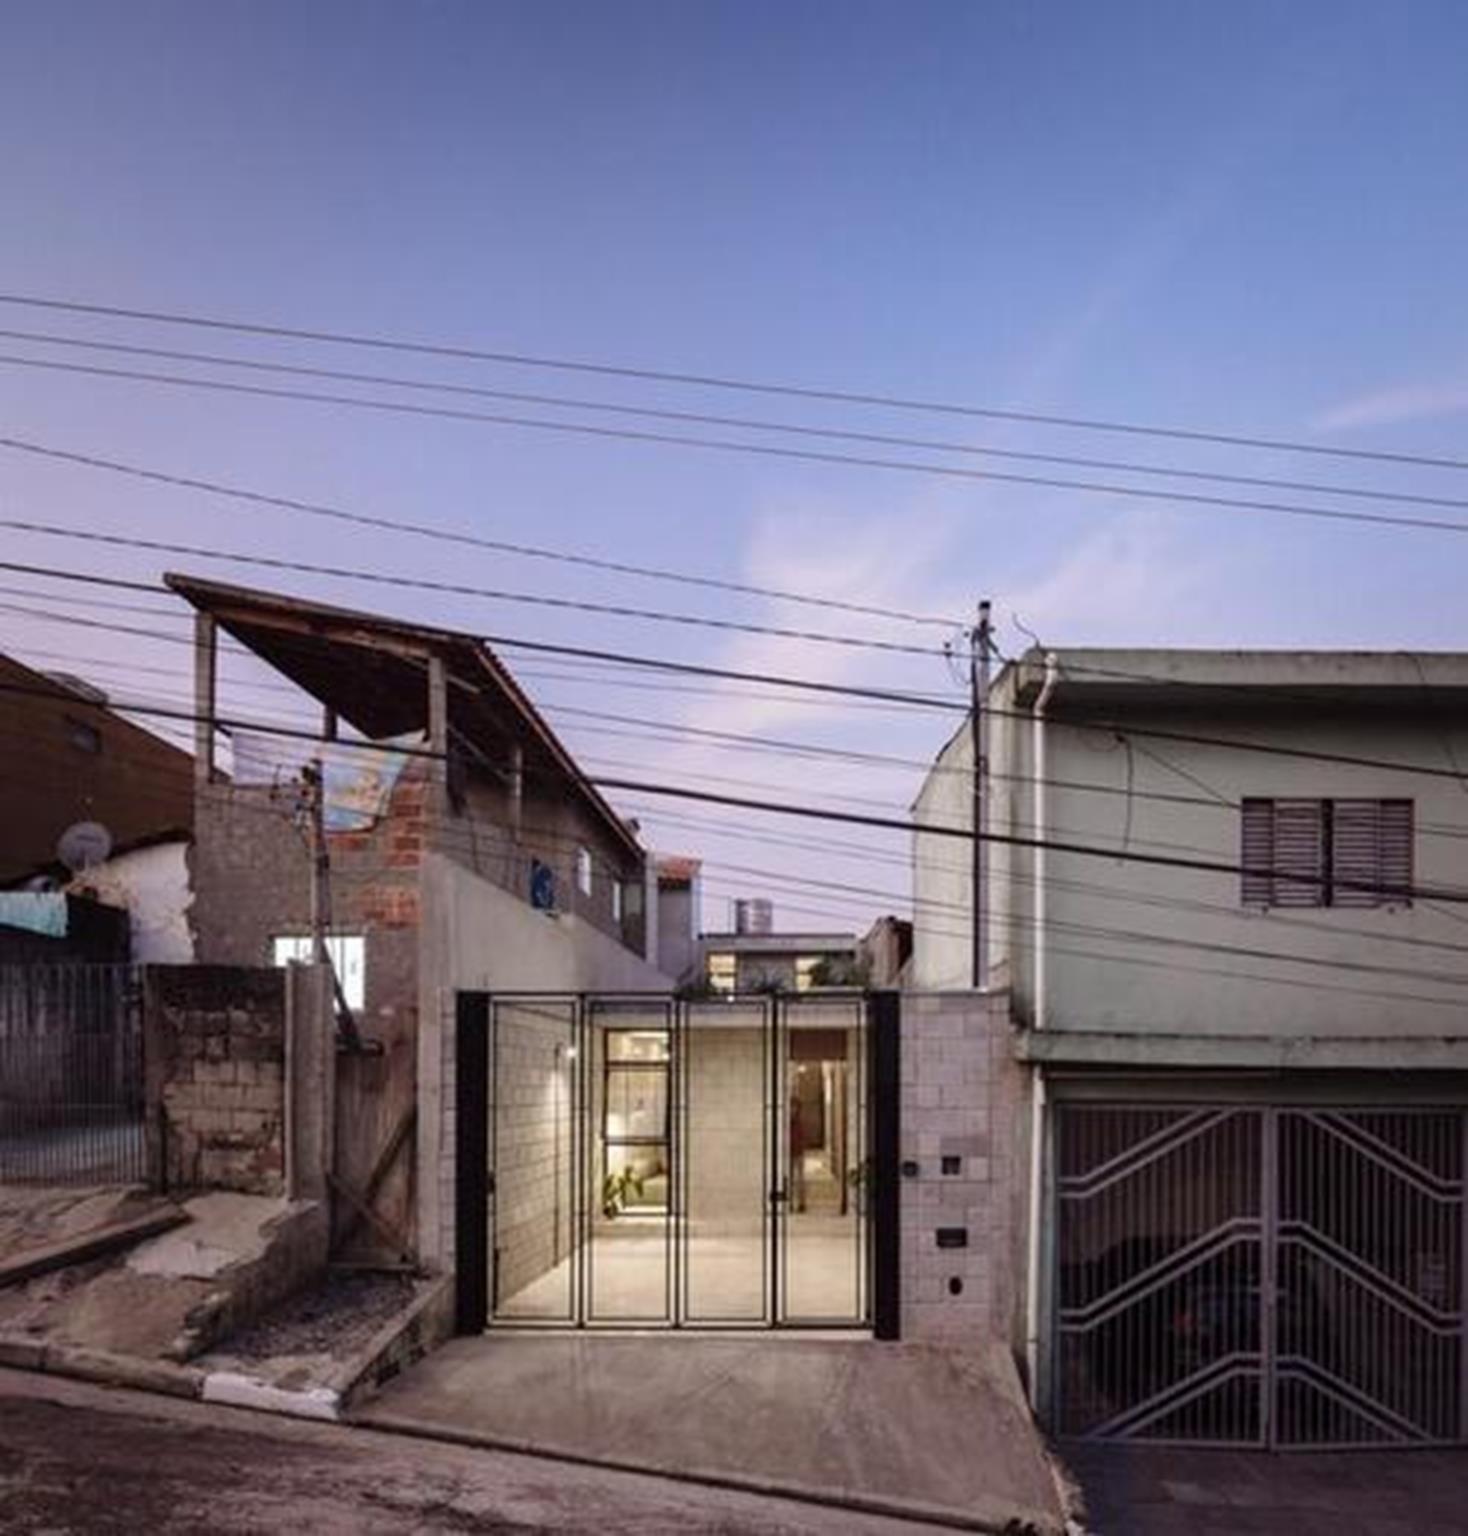 Ngôi nhà cũ kỹ ở Brazil được cải tạo lại với kiến trúc cực kỳ ấn tượng. Không gian bên trong được thiết kế tiện nghi với phòng khách, phòng ngủ, phòng vệ sinh, nhà bếp, phòng giặt và một khoảng sân nhỏ.